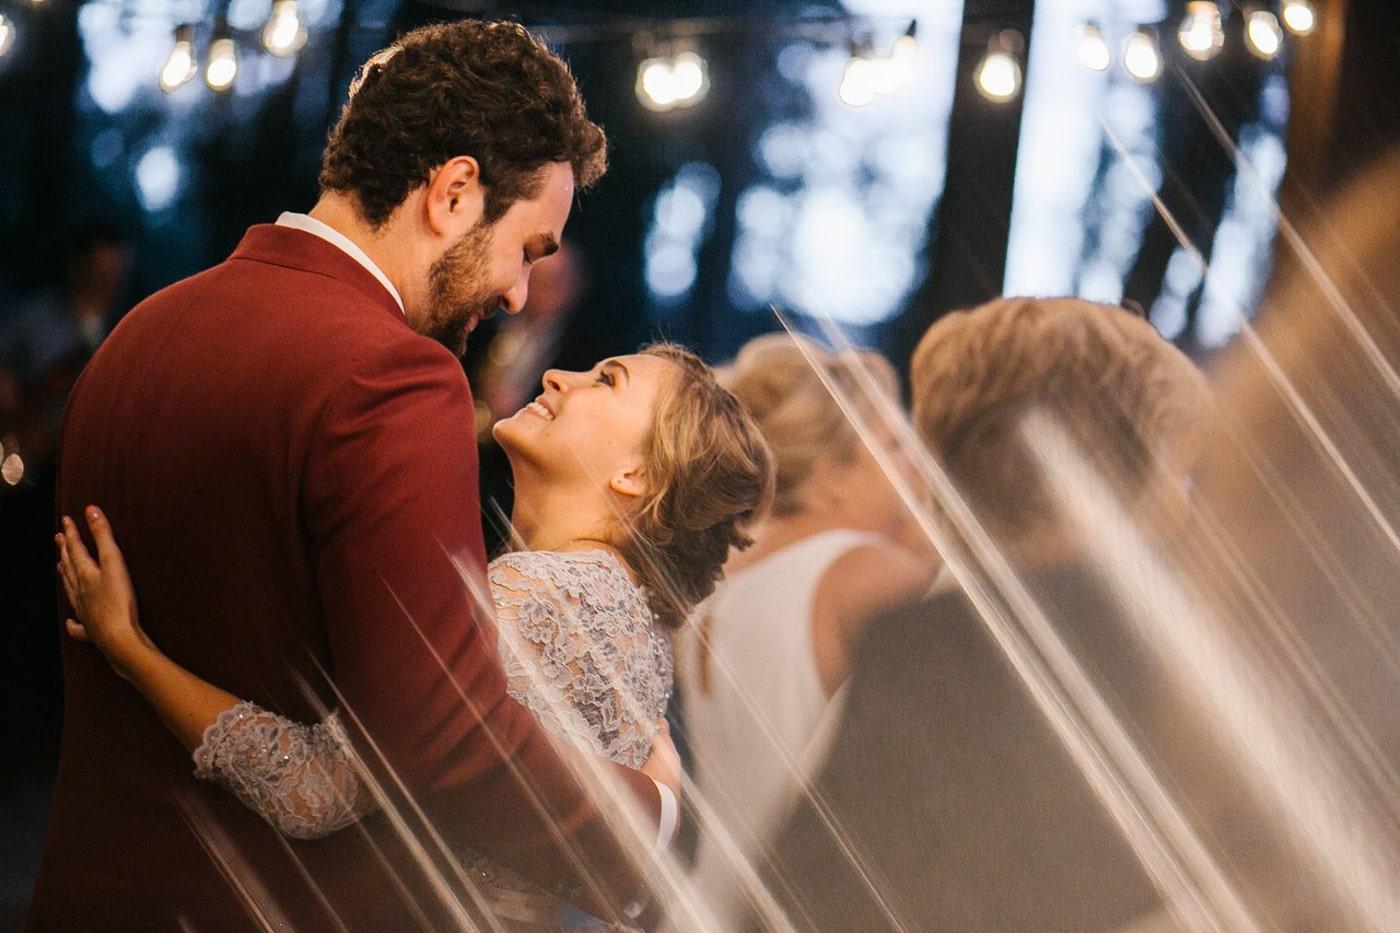 kak-organizovat-svadbu-11-12-min